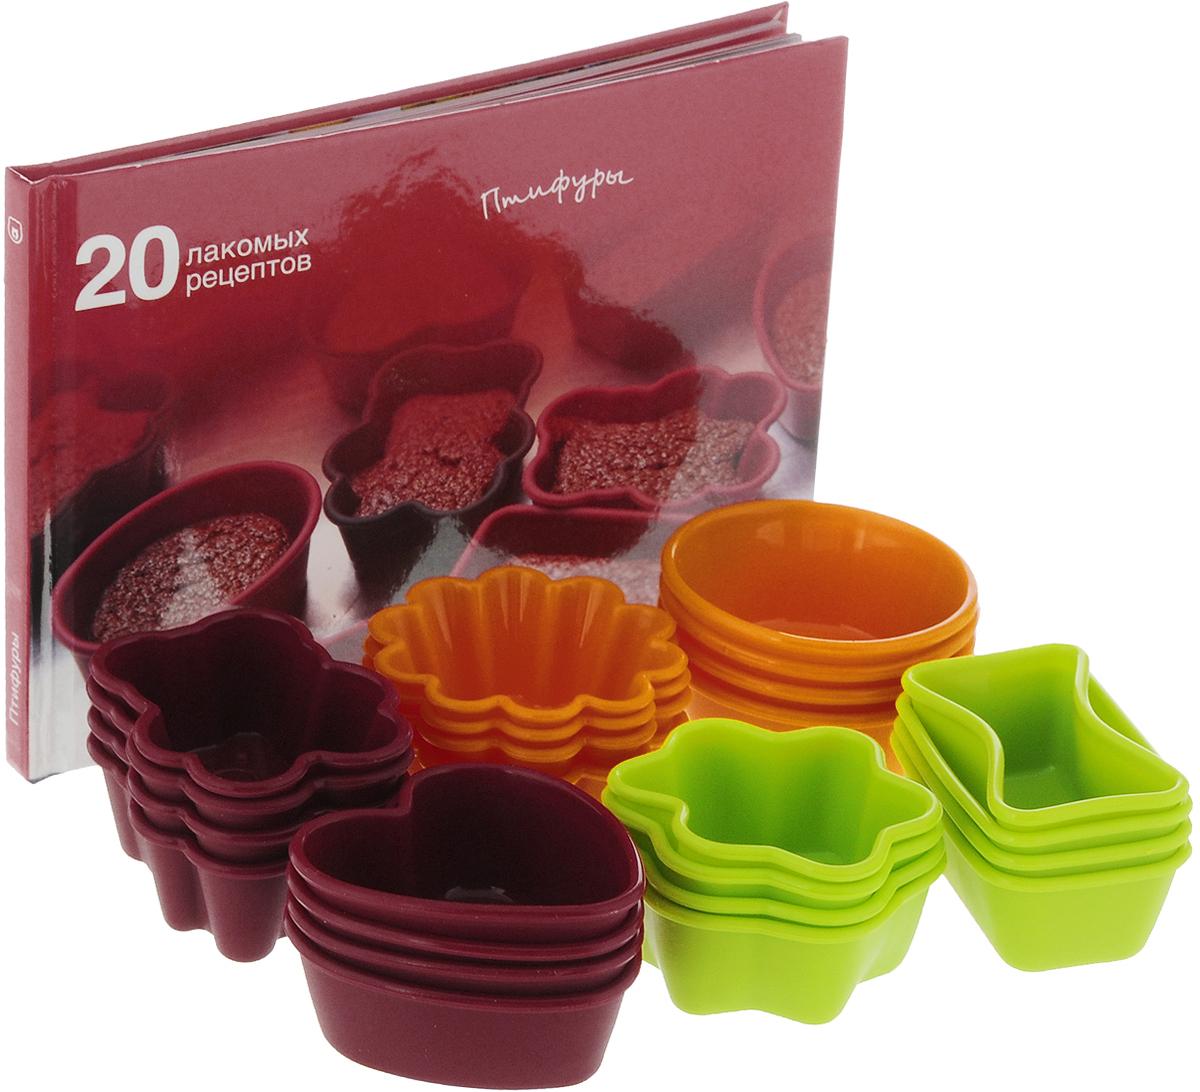 Набор форм для выпечки Oursson, цвет: бордовый, оранжевый, зеленый, 24 штBW0551SS/MCНабор форм Oursson будет отличным выбором для всех любителей домашней выпечки. Набор состоит из 24 силиконовых форм.Силиконовые формы для выпечки имеют множество преимуществ по сравнению с традиционными металлическими формами и противнями. Нет необходимости смазывать форму маслом. Она быстро нагревается, равномерно пропекает, не допускает подгорания выпечки с краев или снизу.Материал устойчив к фруктовым кислотам, не ржавеет, на нем не образуются пятна. В комплекте к формам идет книга с 20 рецептами для приготовления Птифуров. Формы могут быть использованы в духовых шкафах и микроволновых печах (выдерживают температуру от -20°С до +220°С), также их можно помещать в морозильную камеру и холодильник.